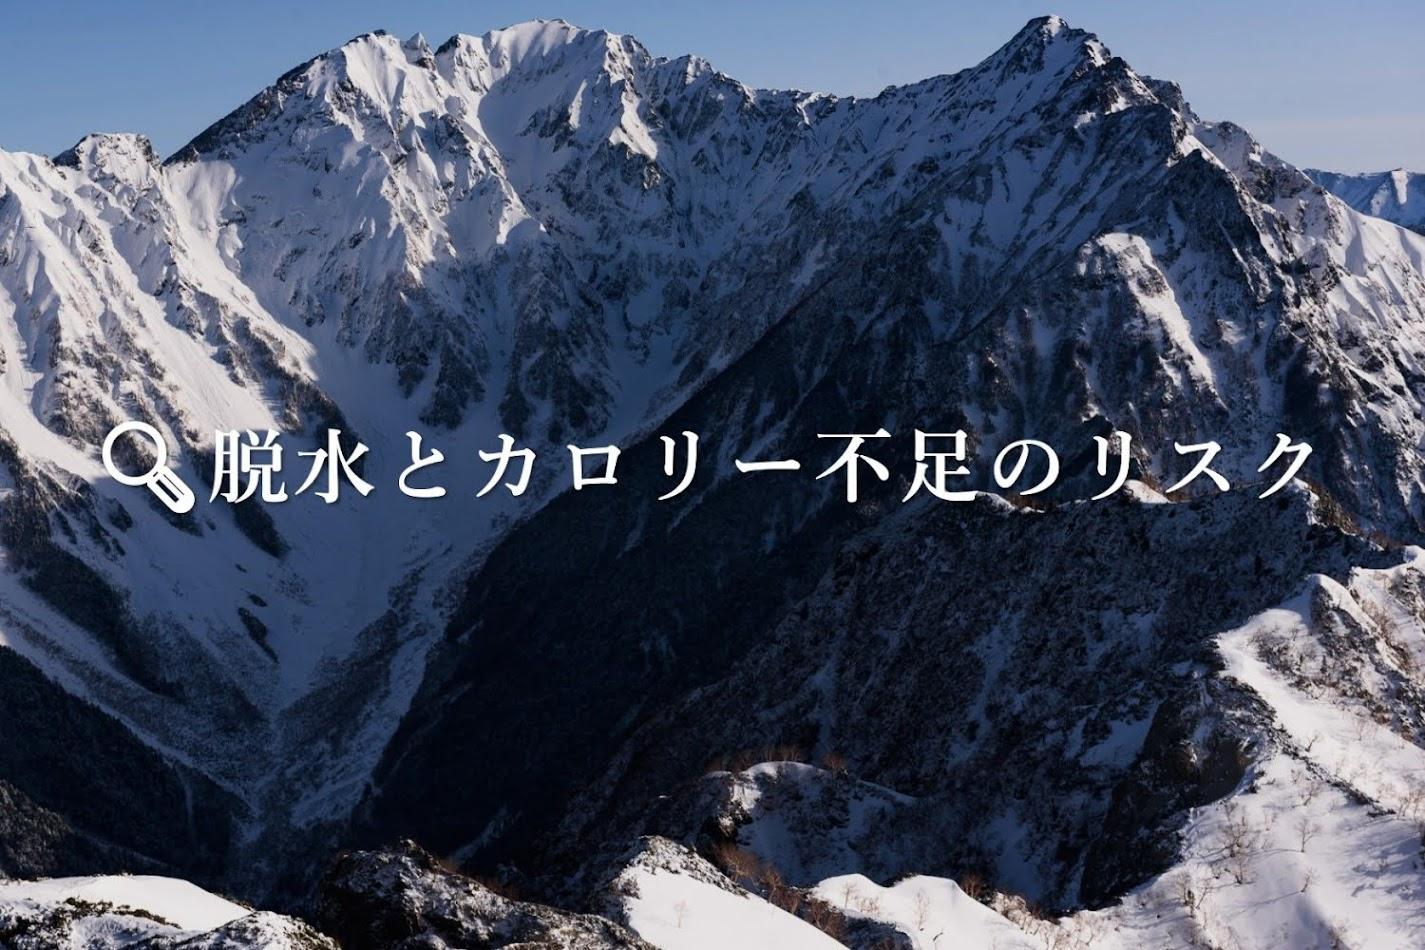 登山の脱水とシャリバテは命取り~行動食と水分の重要性を再認識~